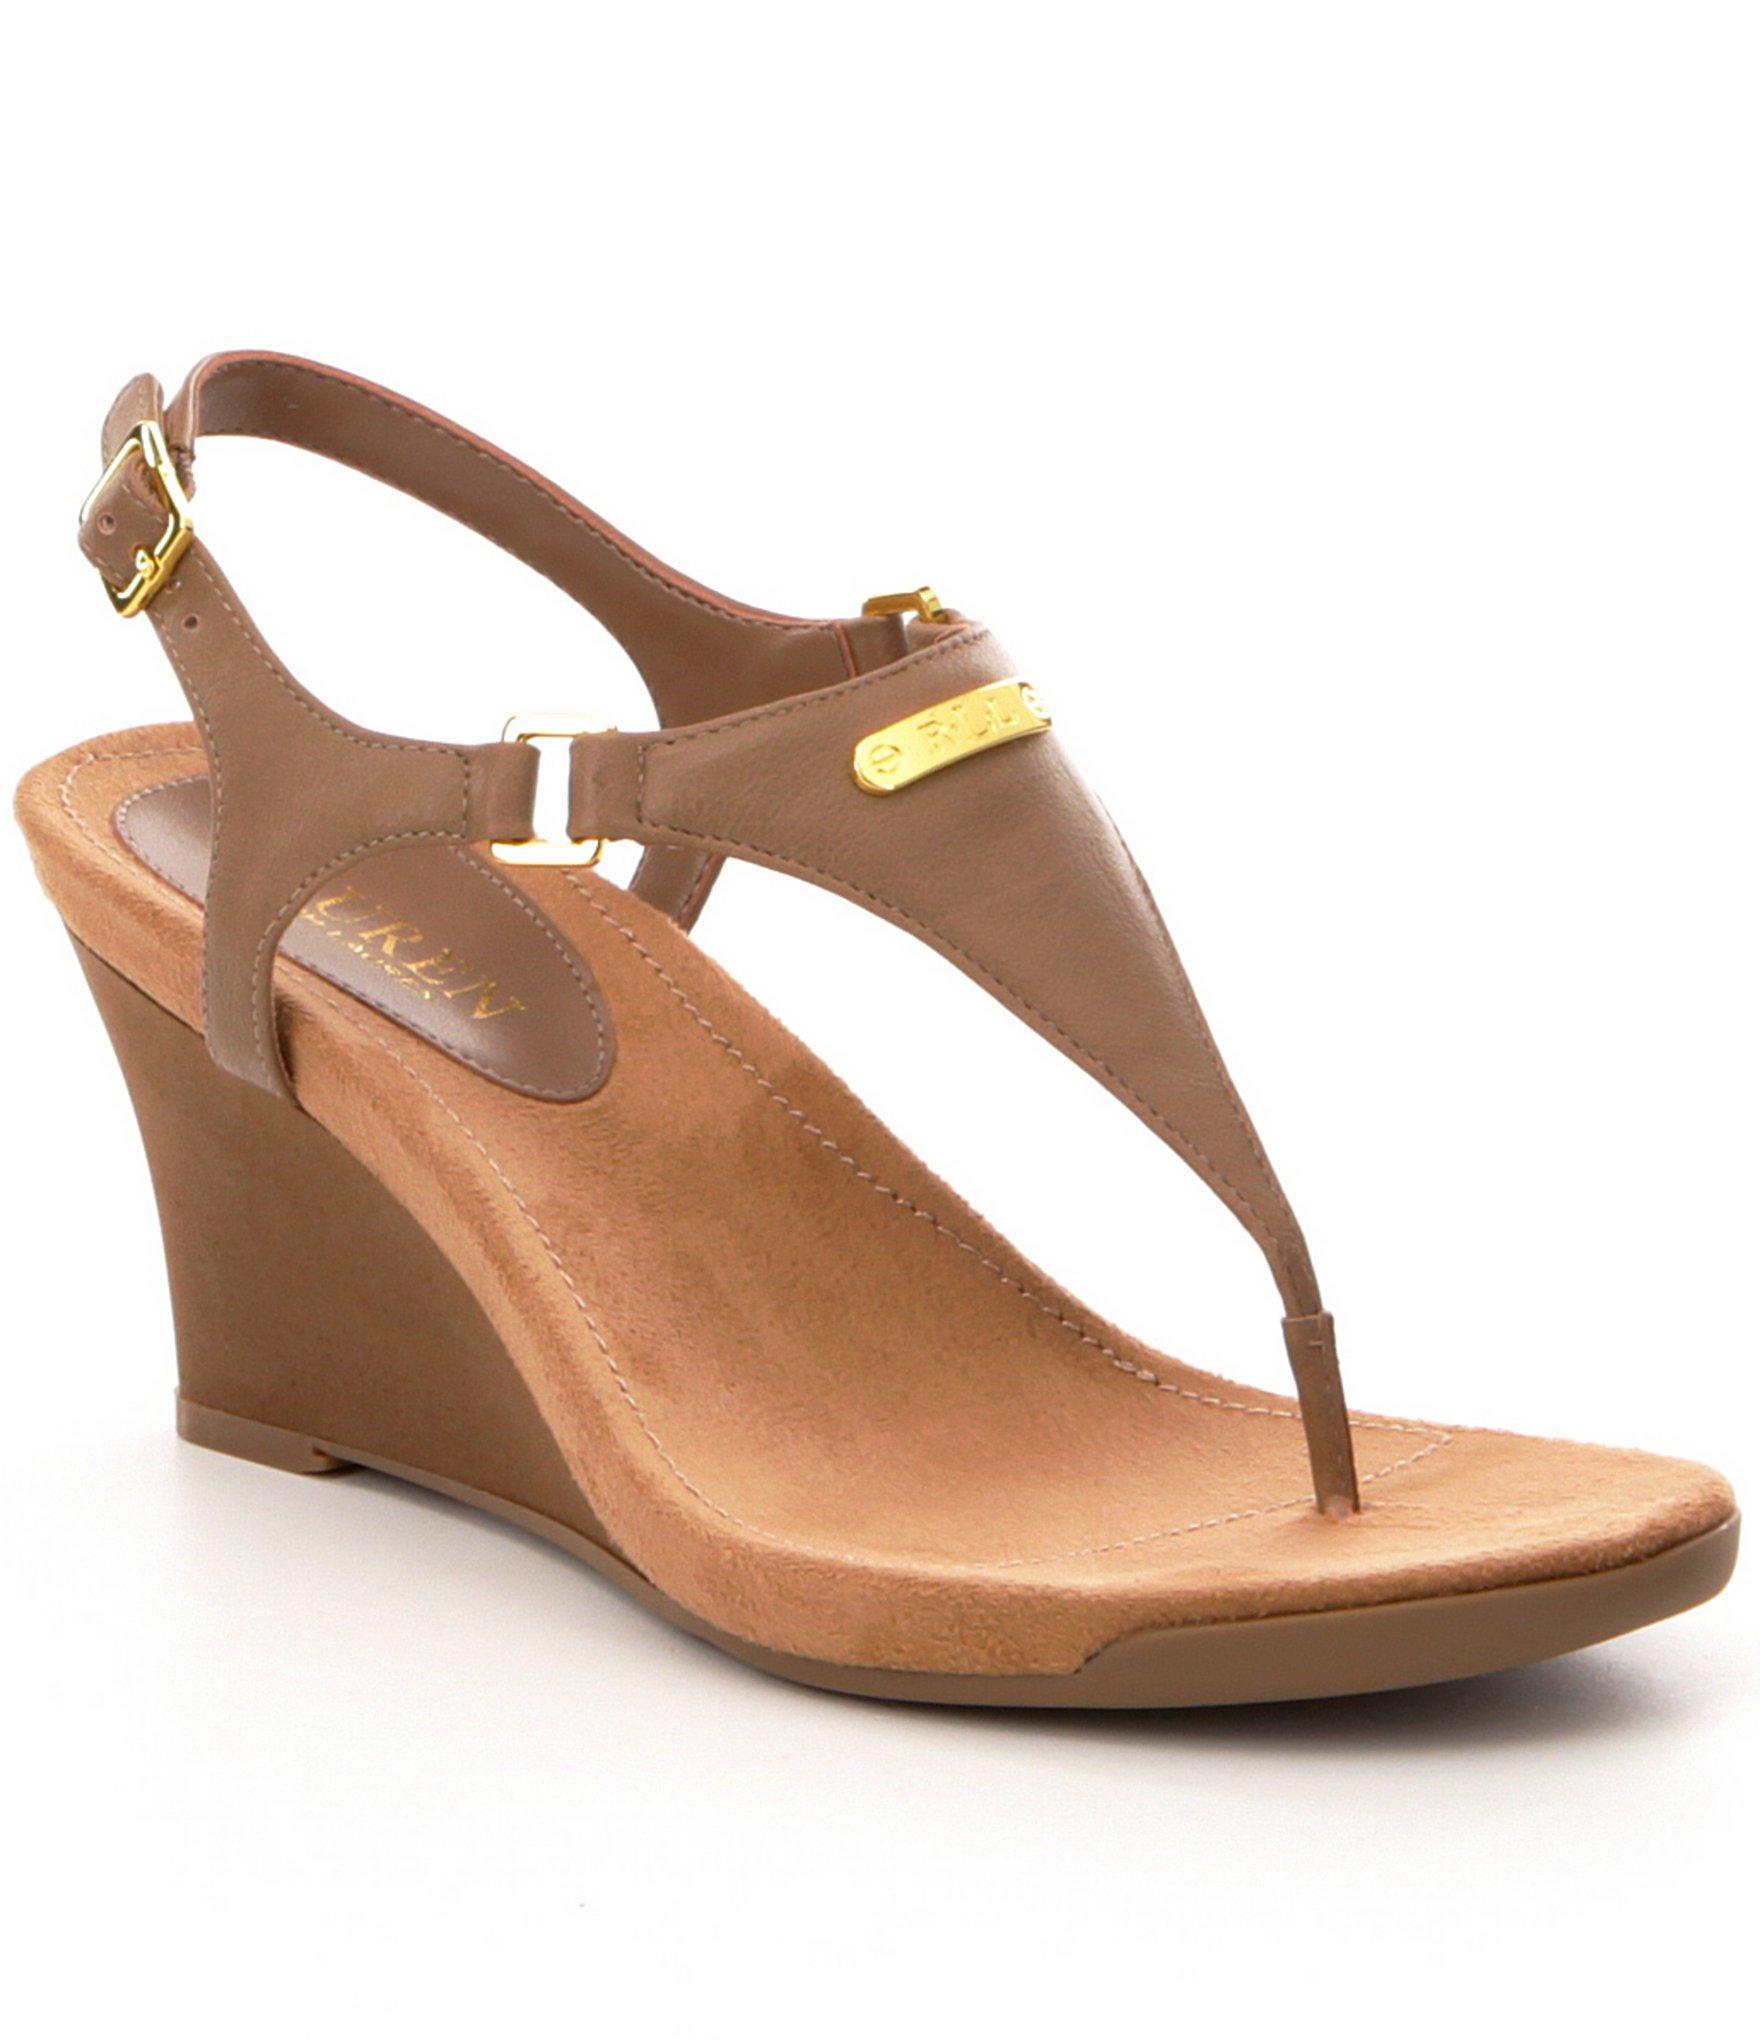 c65c275bf0 Lauren by Ralph Lauren Nikki Leather Wedge Sandals in Brown - Lyst